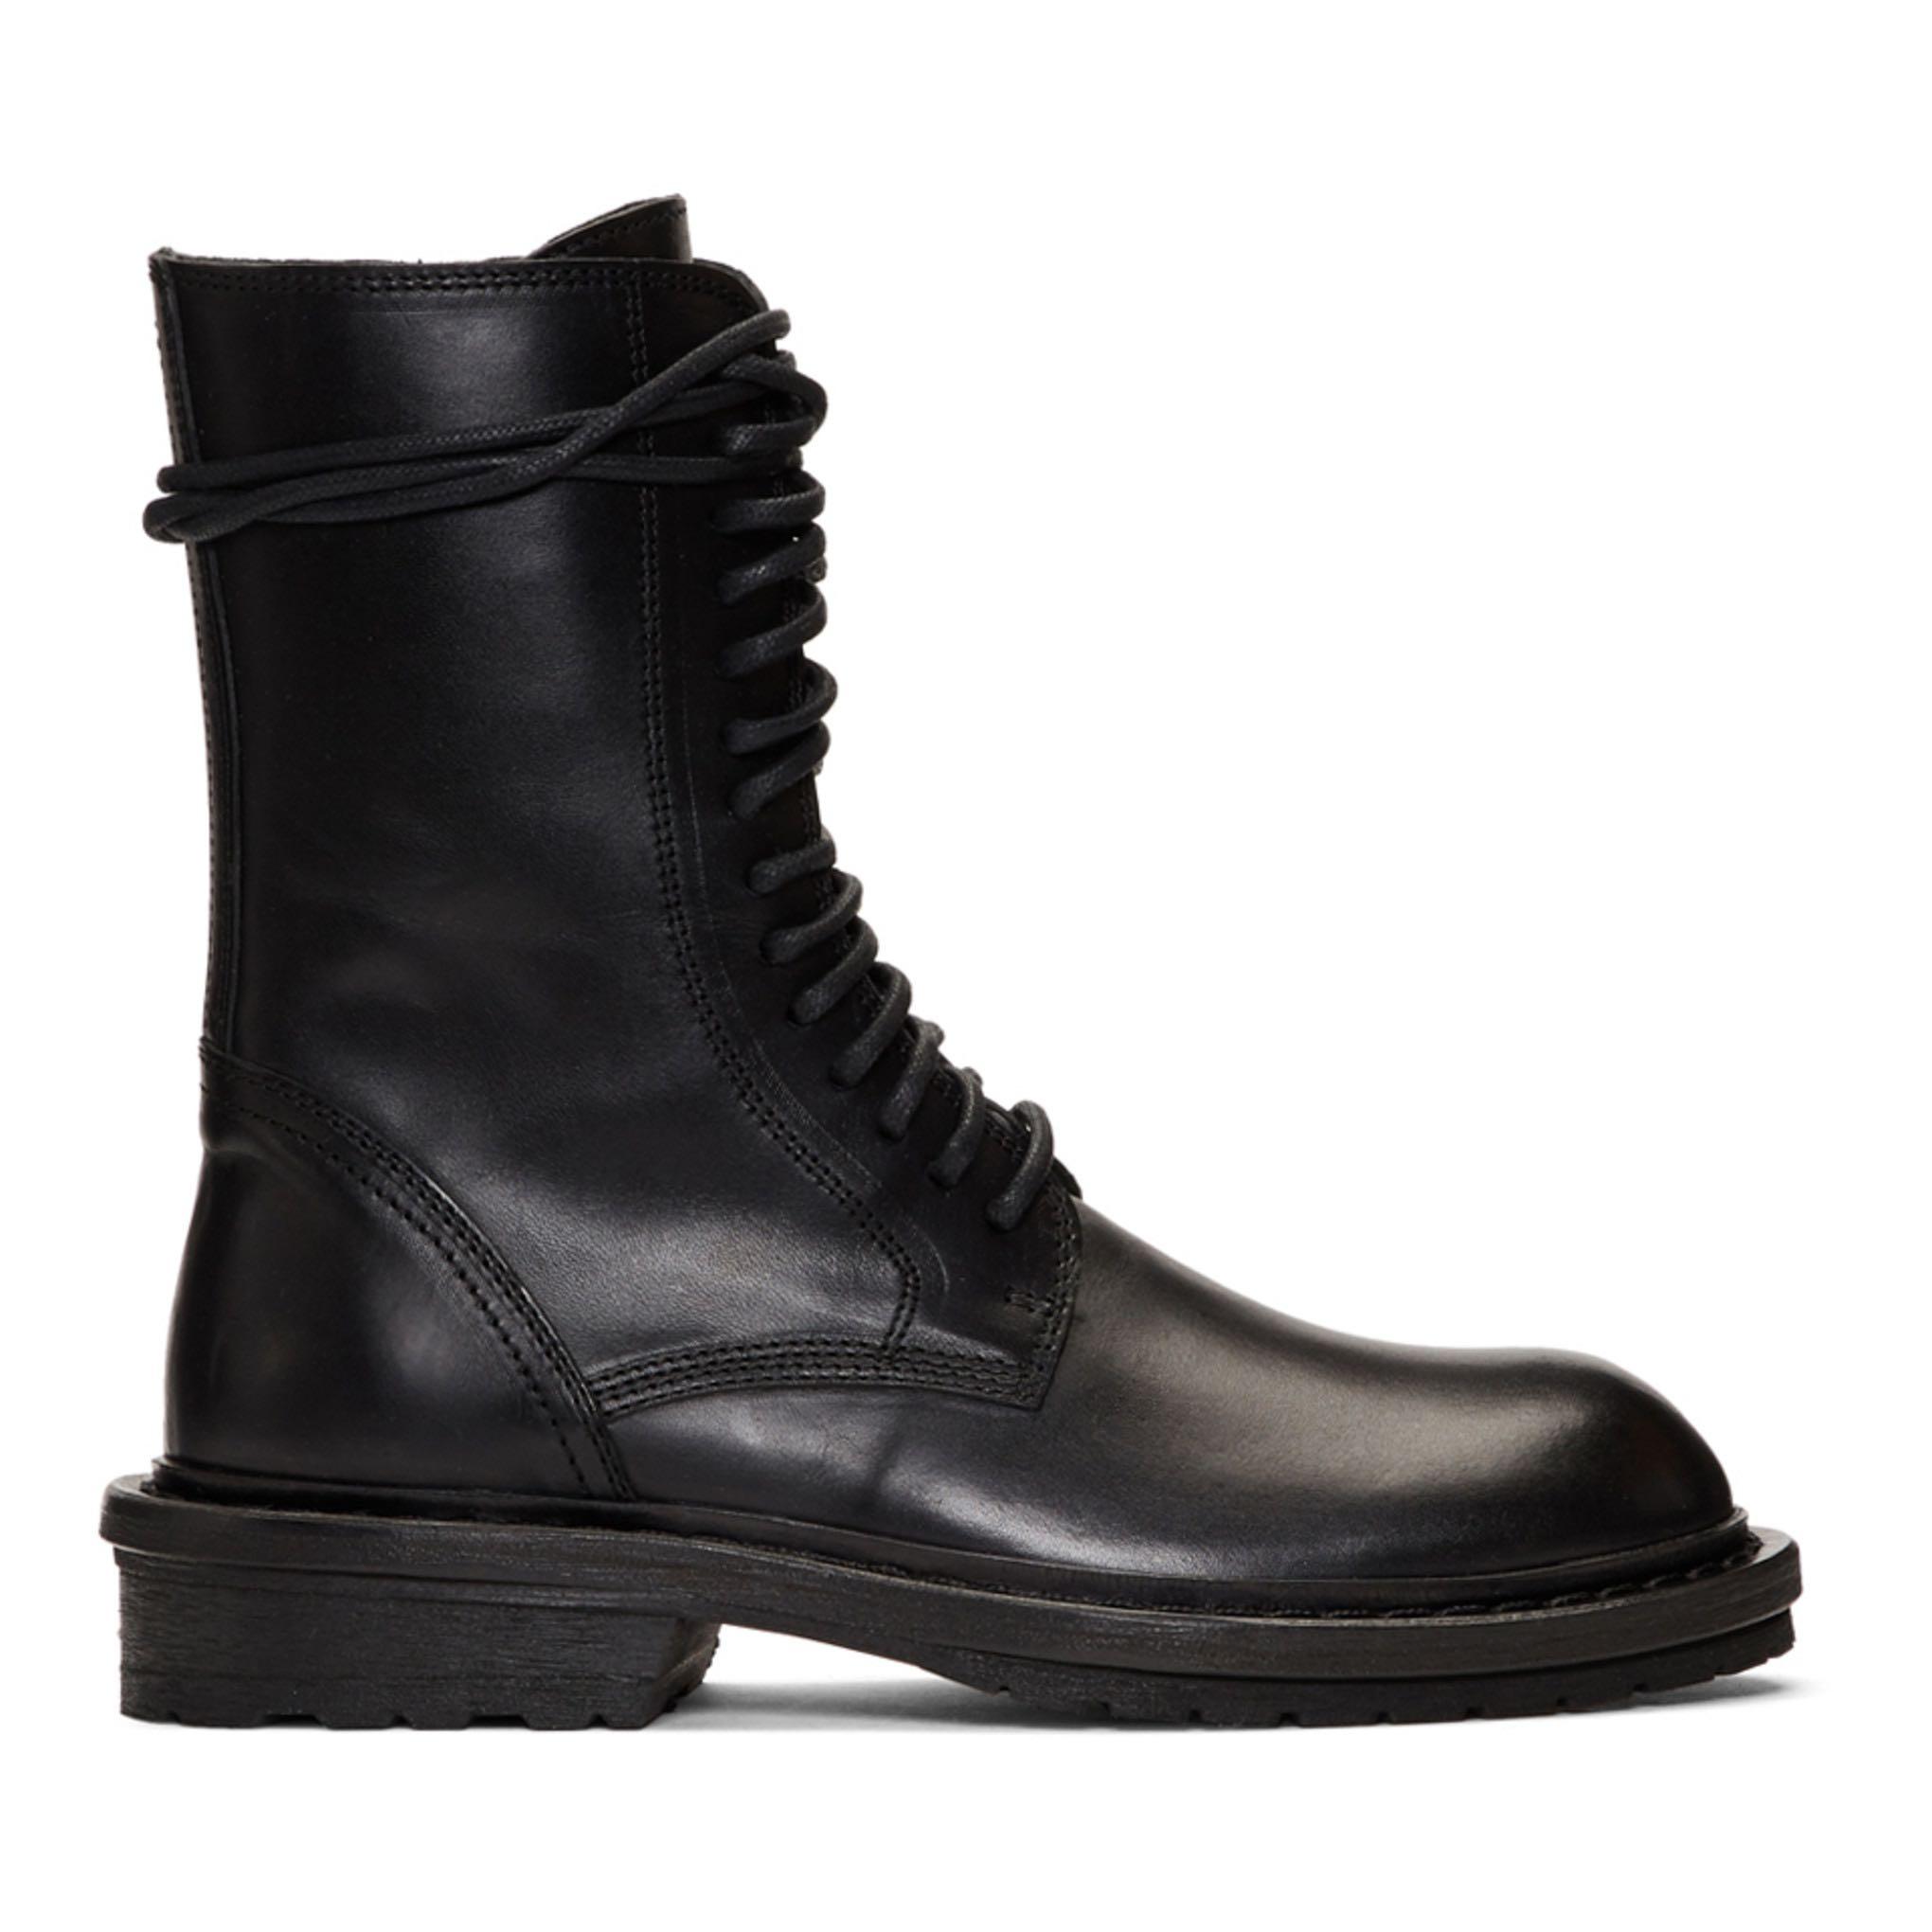 靴子 ann马丁靴平跟靴子系带加绒短靴大码定制女靴圆头机车靴短筒皮靴_推荐淘宝好看的女靴子